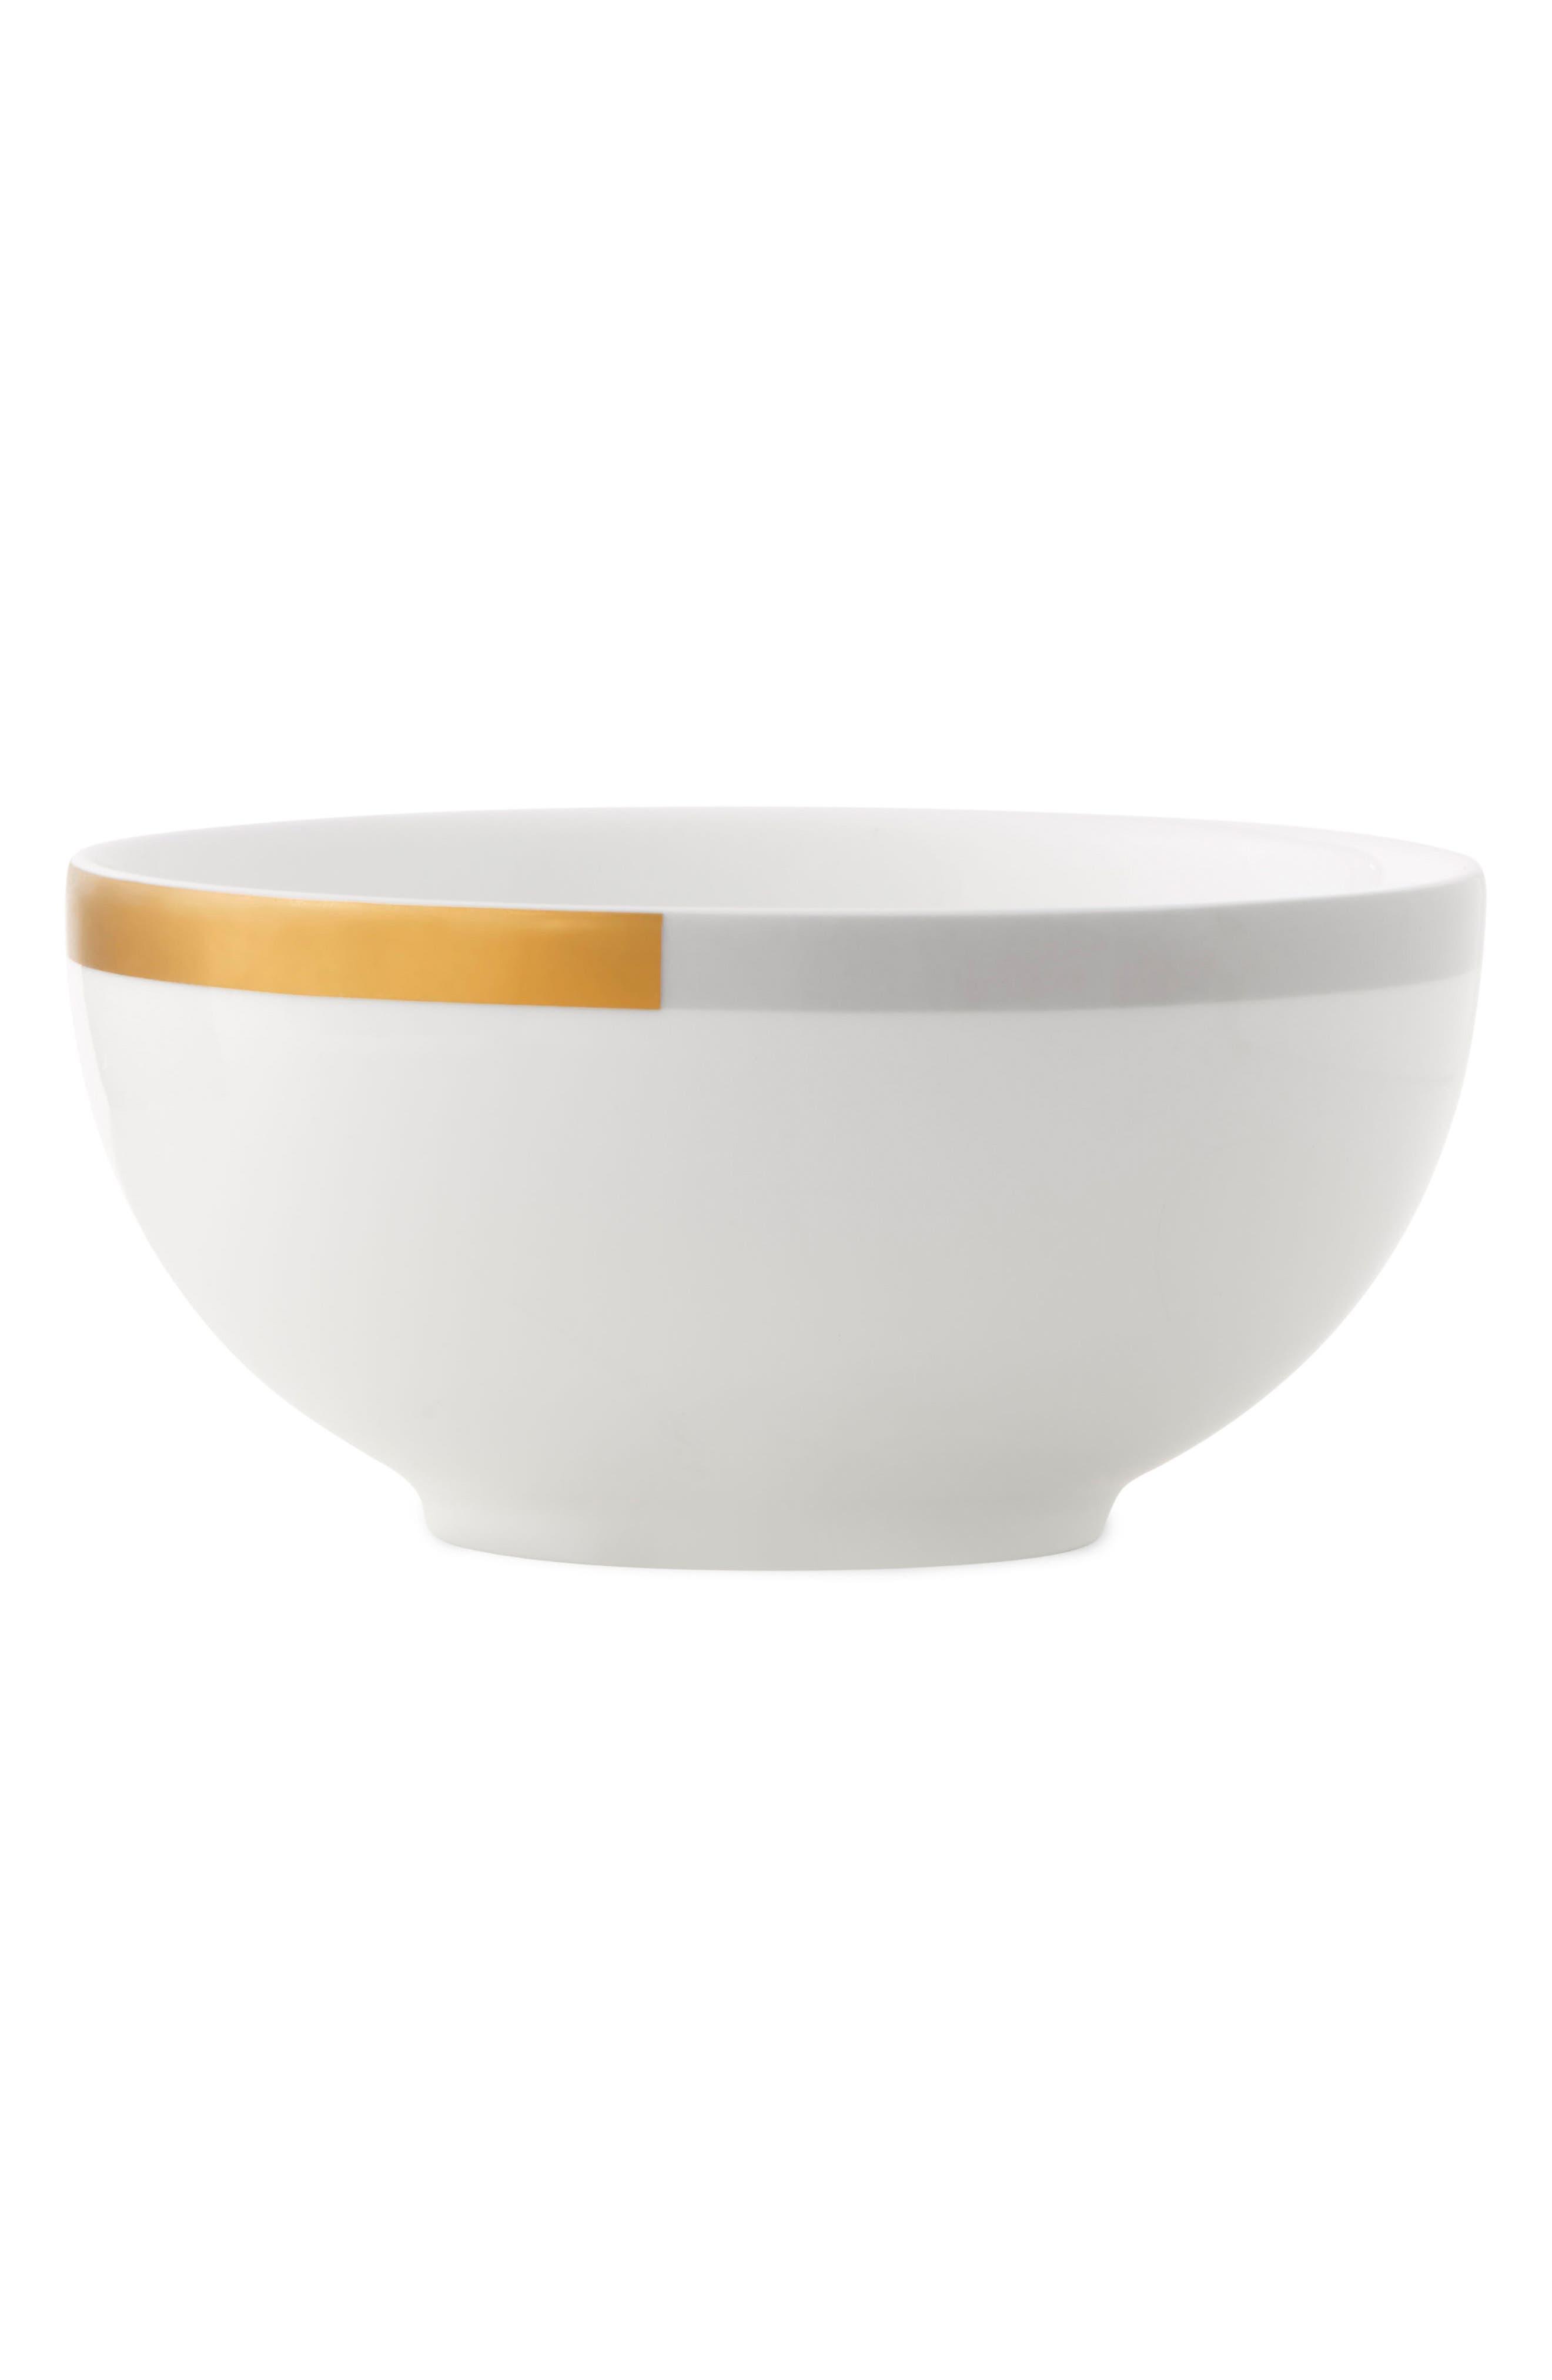 Main Image - Vera Wang x Wedgwood Castillon Cereal Bowl